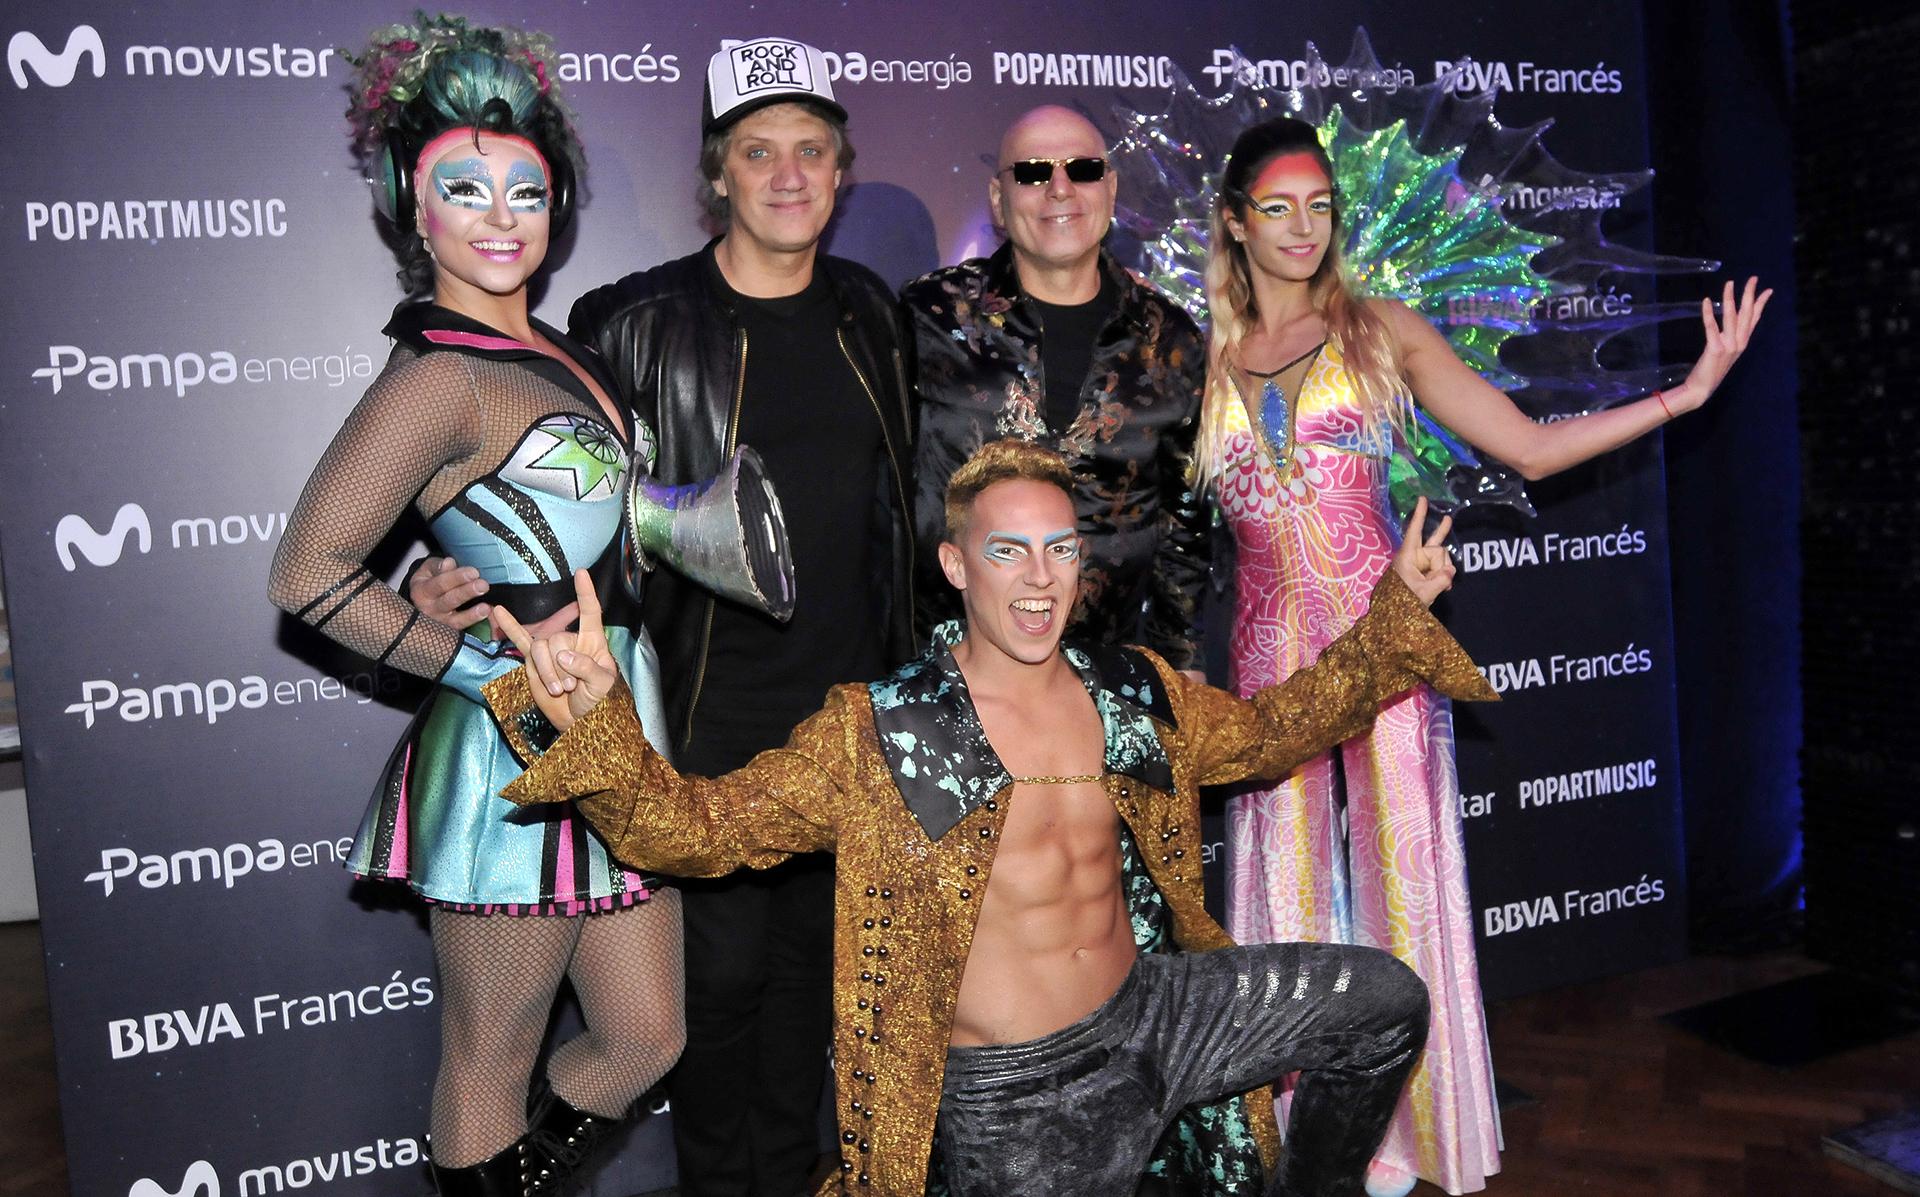 """Charly Alberti y Zeta Bosio junto a artistas del Cirque du Soleil en el reestreno del espectáculo """"Sép7imo Día"""" que se está presentando en el Luna Park (Teleshow)"""